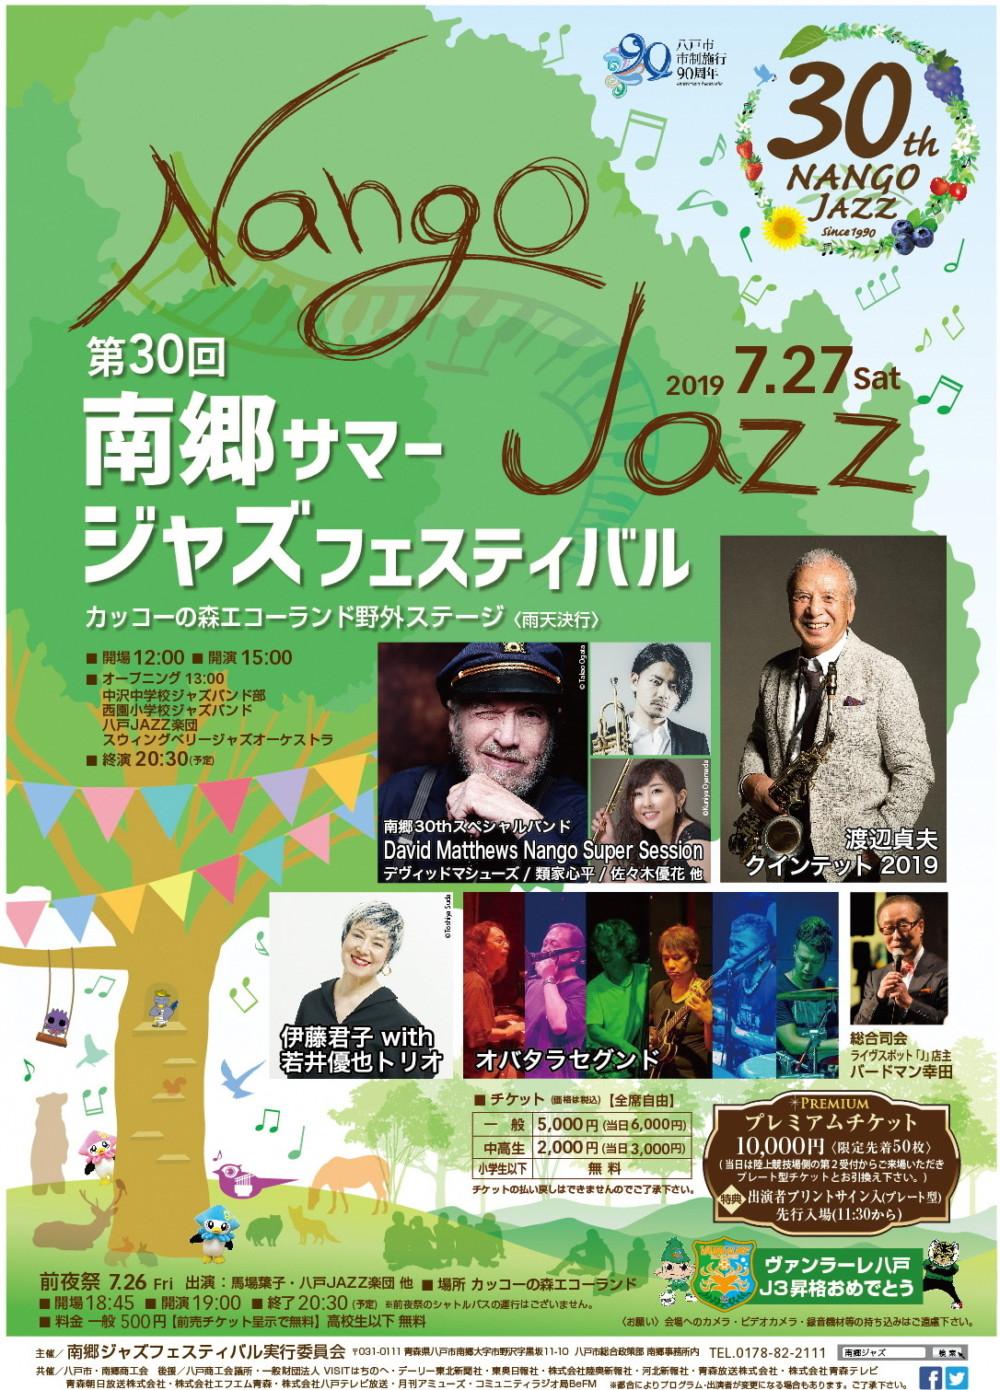 南郷サマージャズフェスティバル2019(30周年記念)